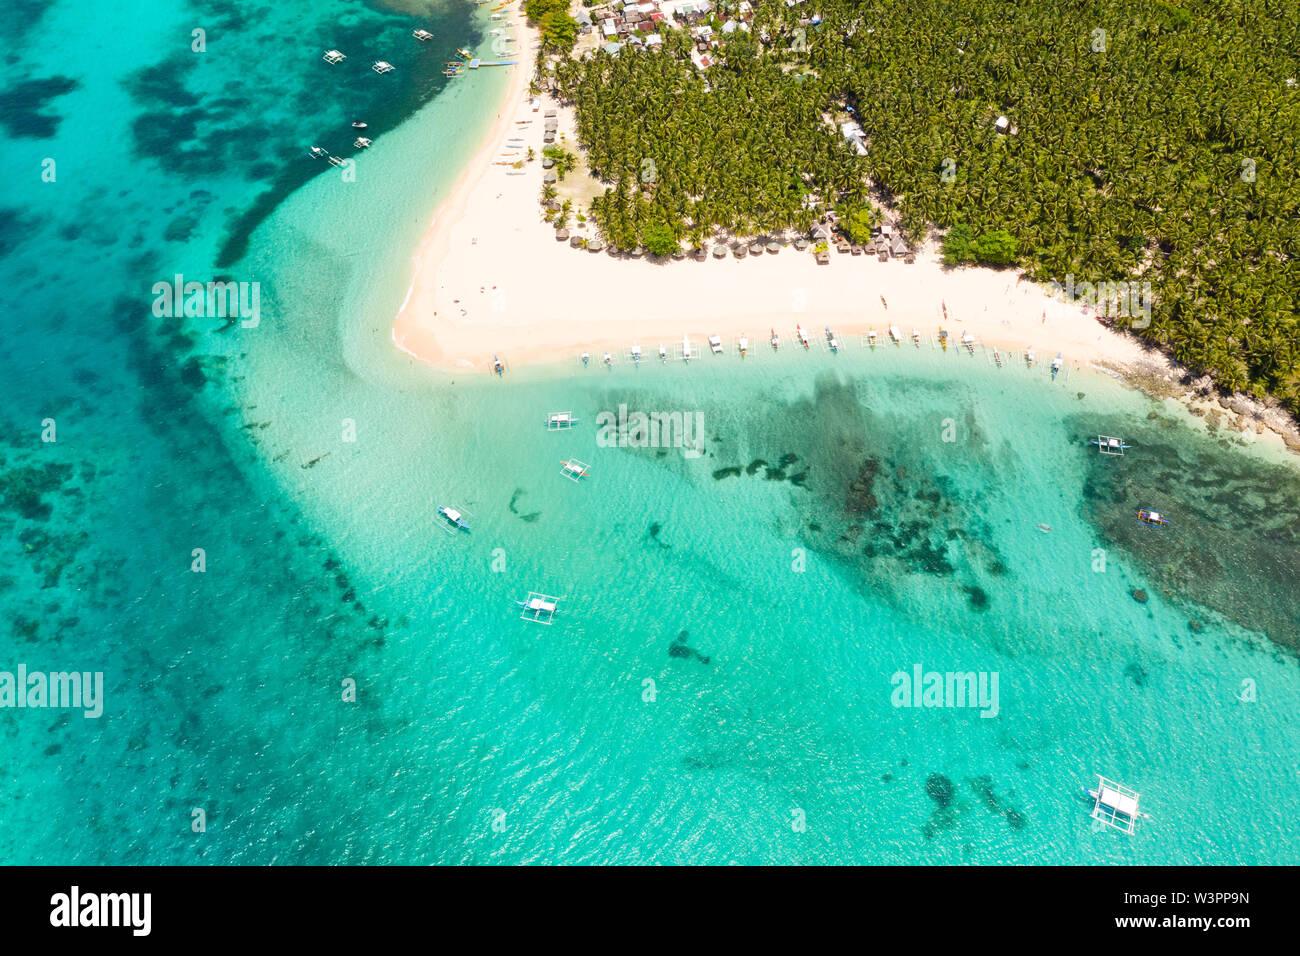 Hermosa isla tropical en clima soleado, vista desde arriba. Daco isla, Filipinas. Playa de arena blanca y turquesa Laguna. Foto de stock